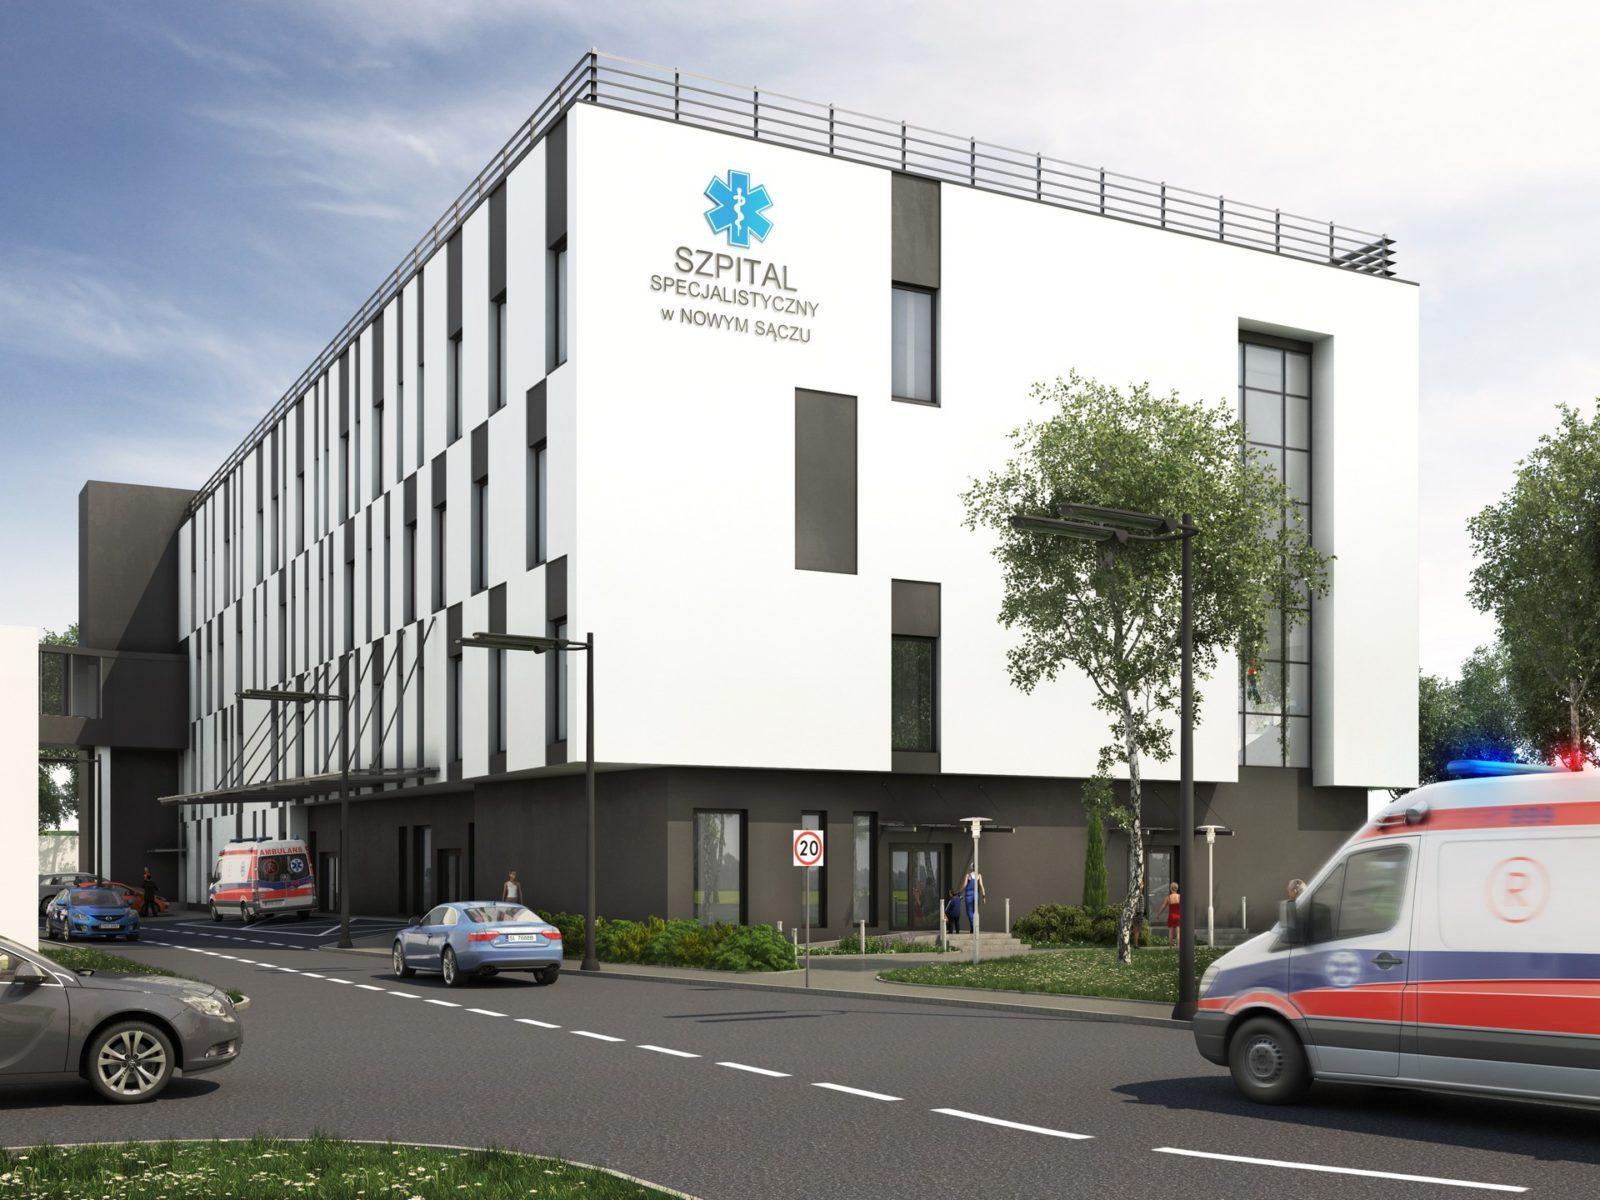 szpital wizualizacja architektoniczna budynek wielokondygnacyjny